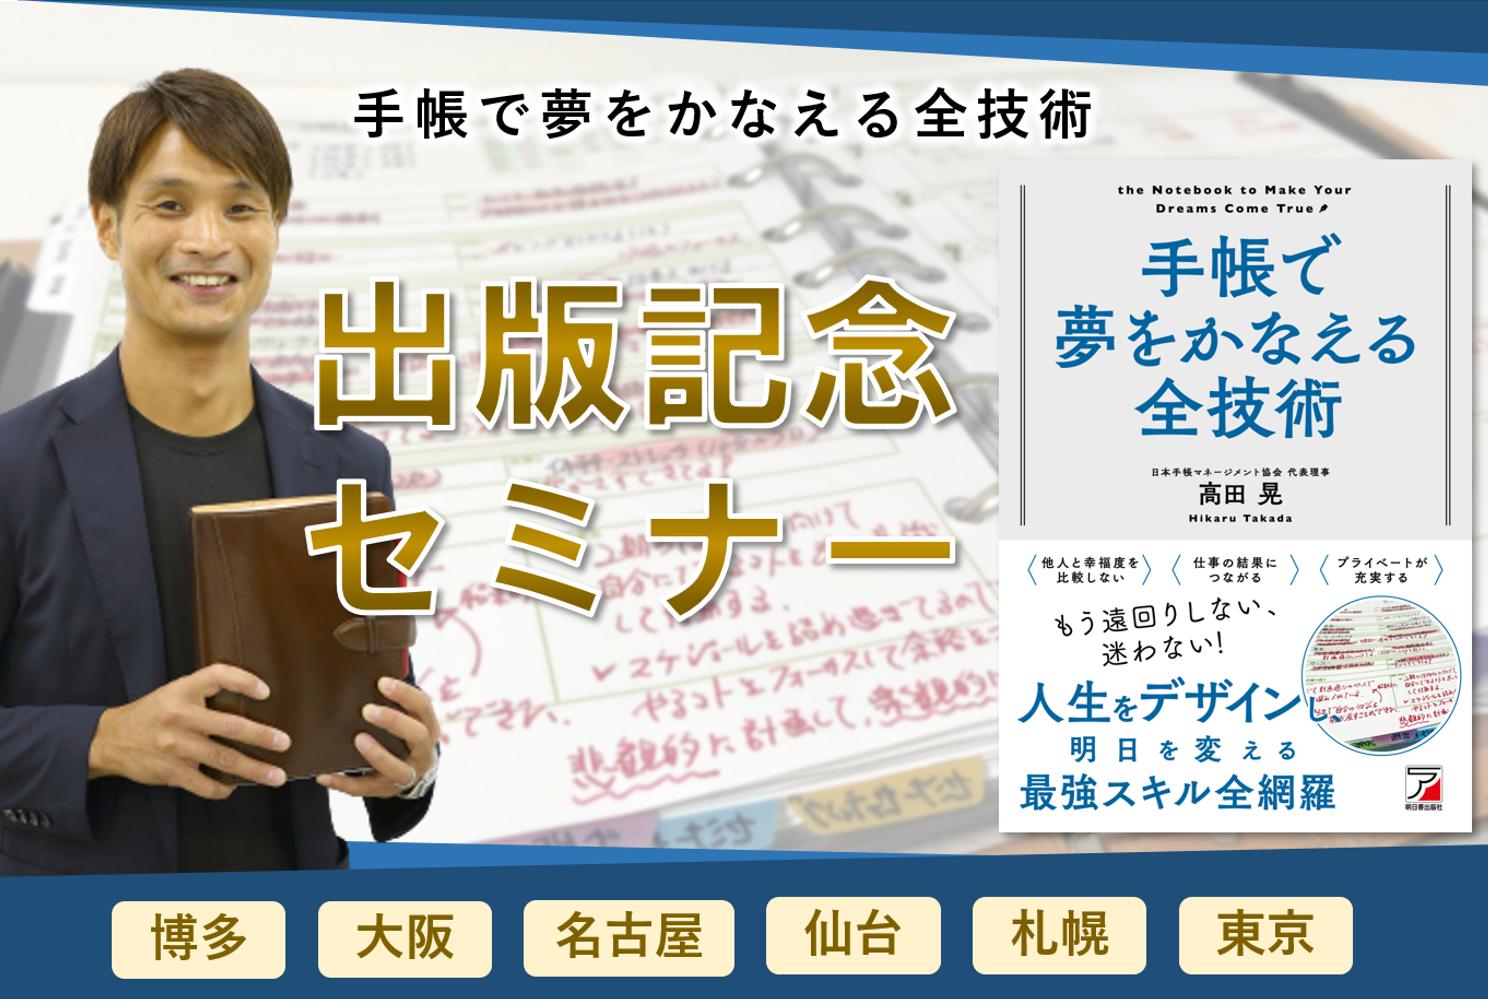 『手帳で夢をかなえる全技術』出版記念セミナー